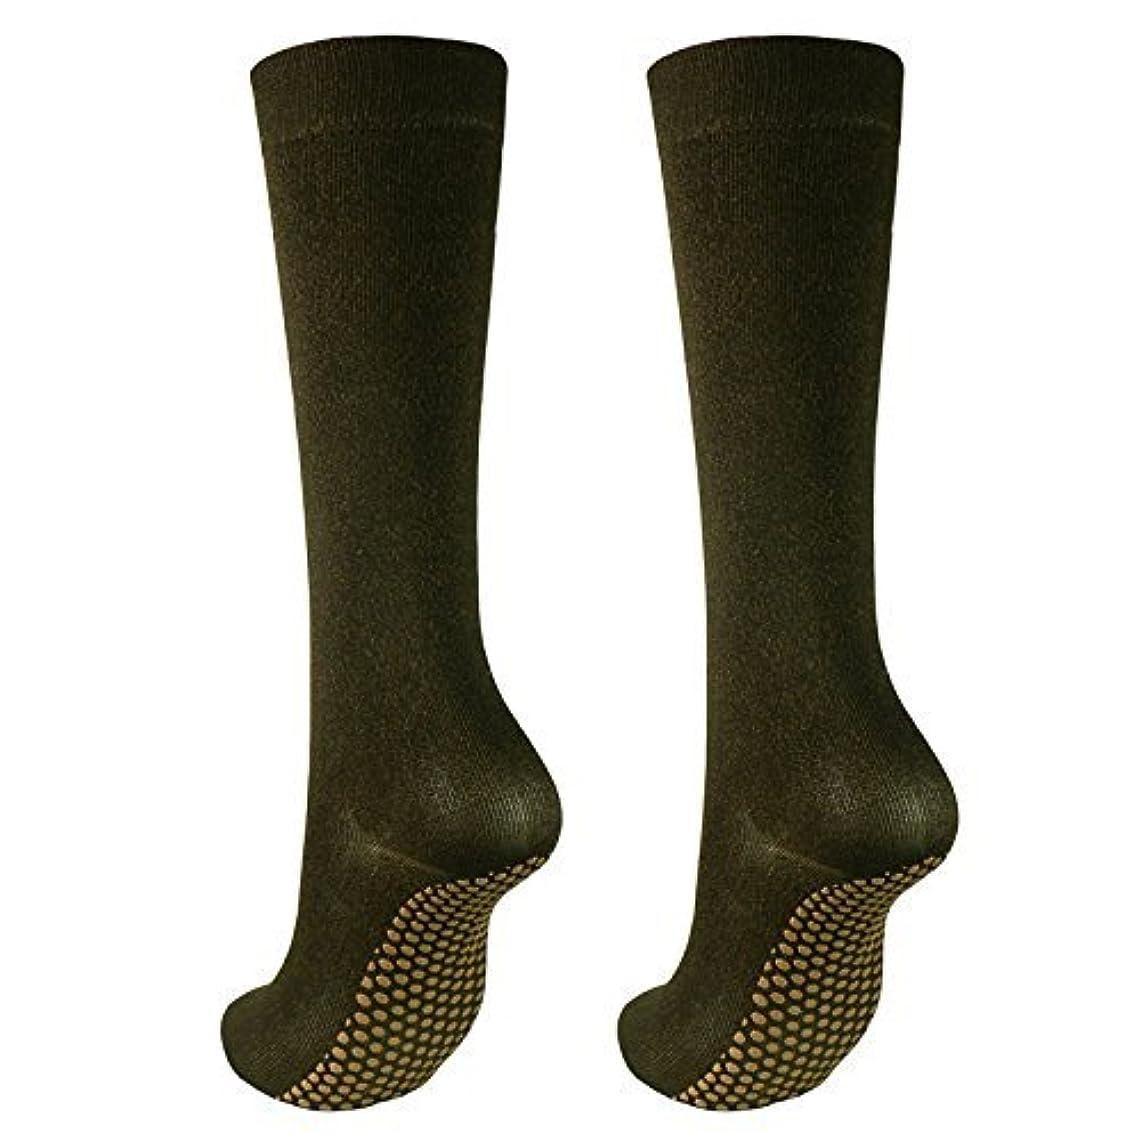 戦争エージェントのぞき穴銅繊維靴下「足もとはいつも青春」ハイソックスタイプ2足セット?静電気対策にも